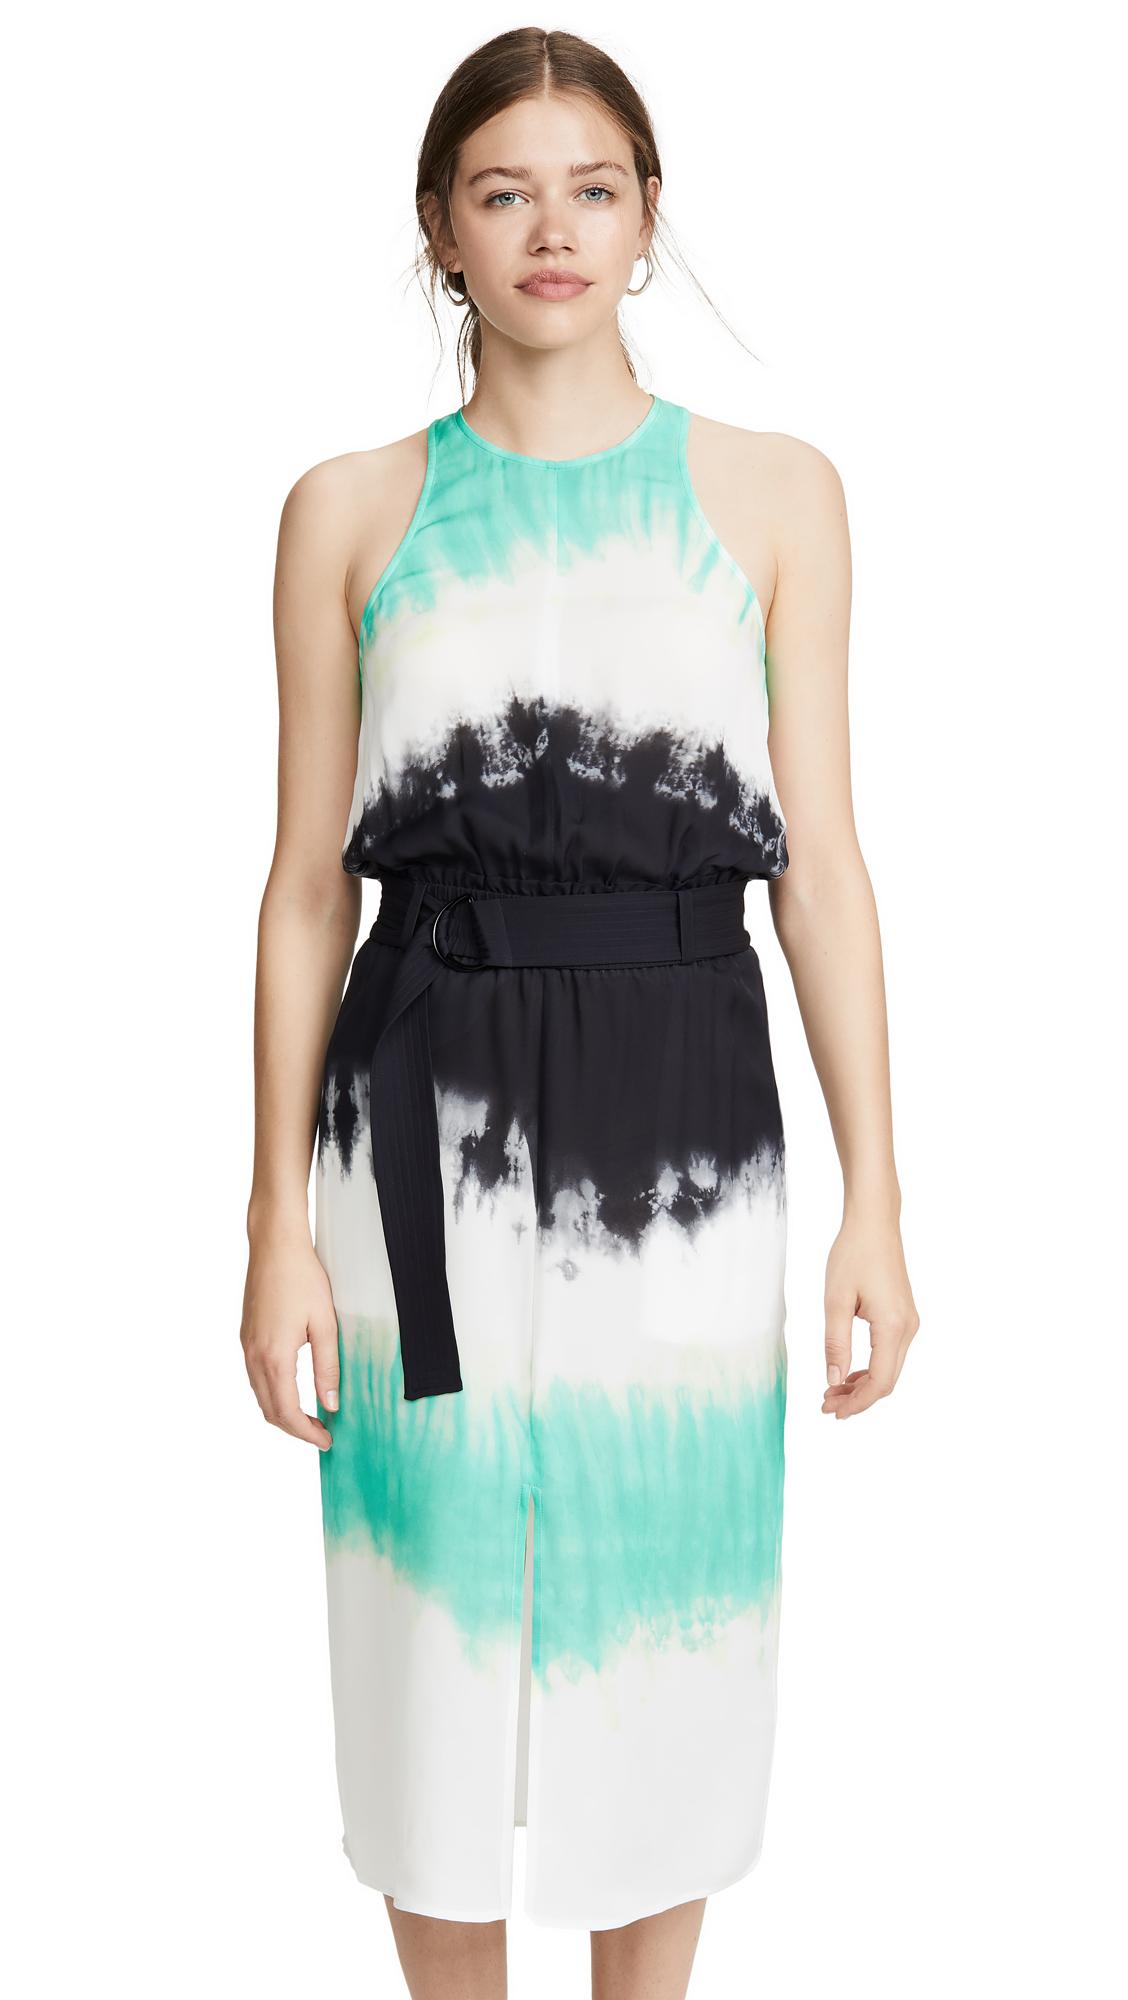 A.L.C. Tallulah Dress - Green/Black